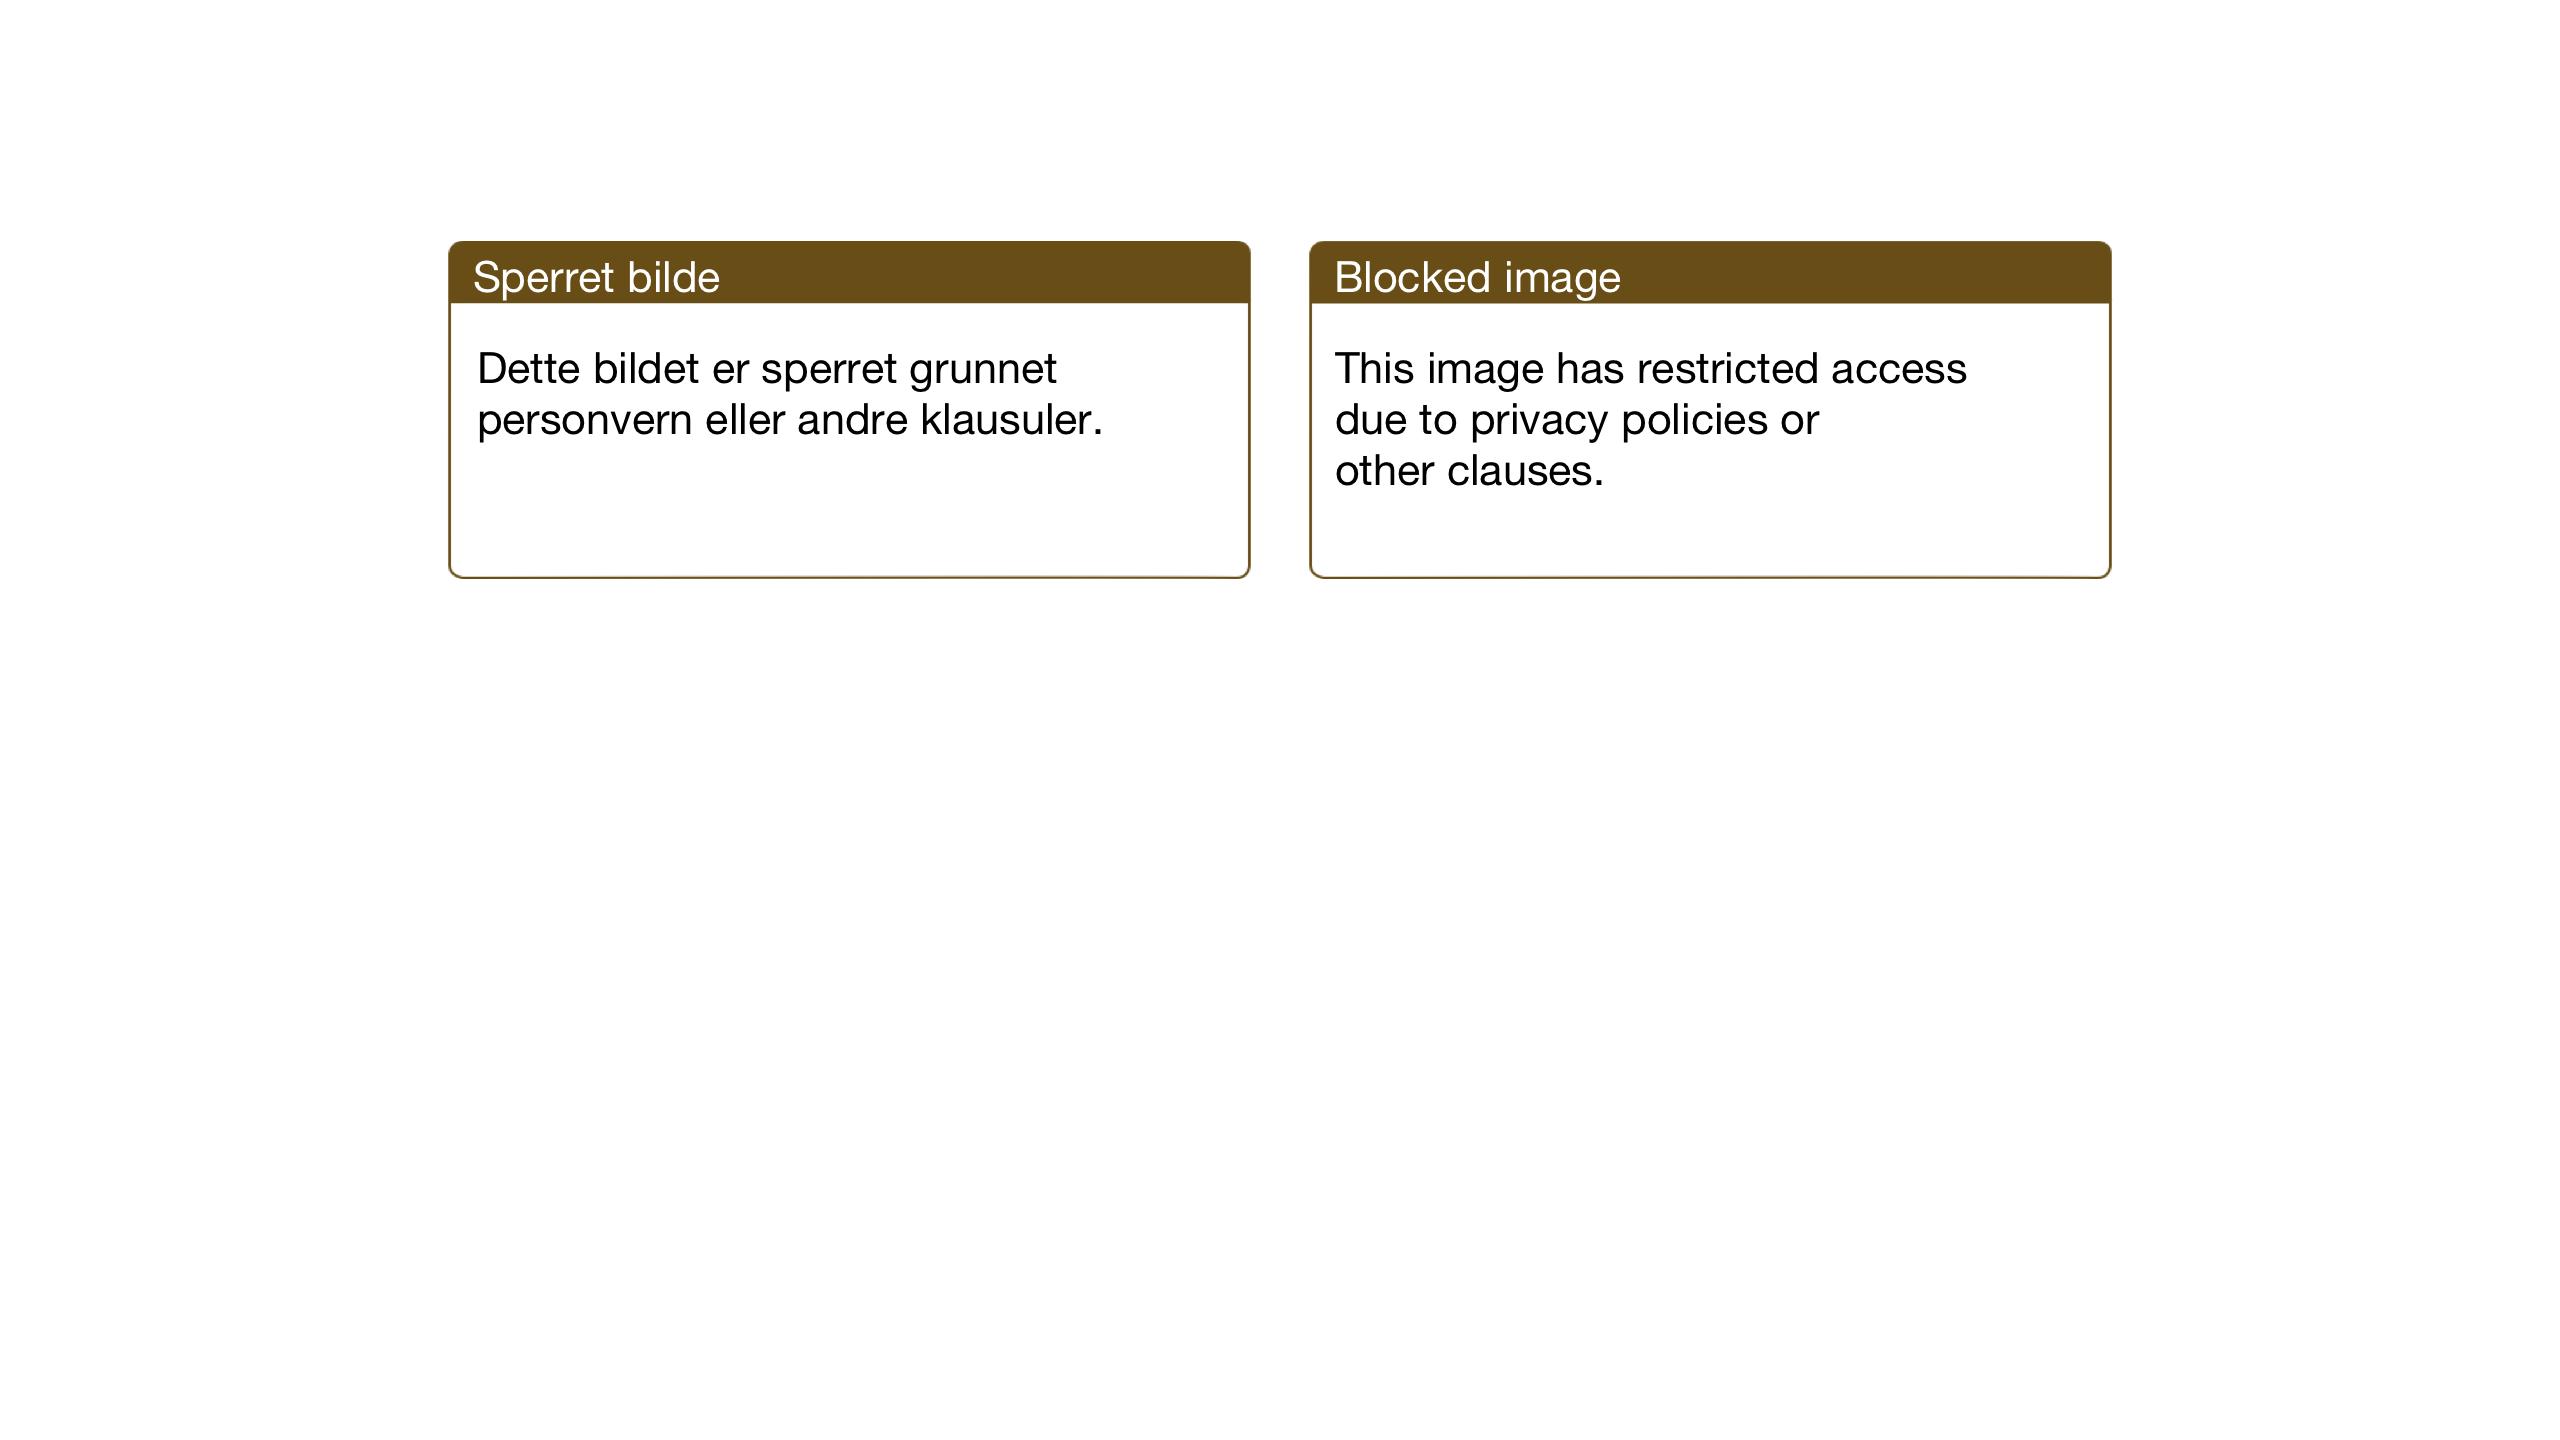 SAT, Ministerialprotokoller, klokkerbøker og fødselsregistre - Sør-Trøndelag, 662/L0758: Klokkerbok nr. 662C03, 1918-1948, s. 54